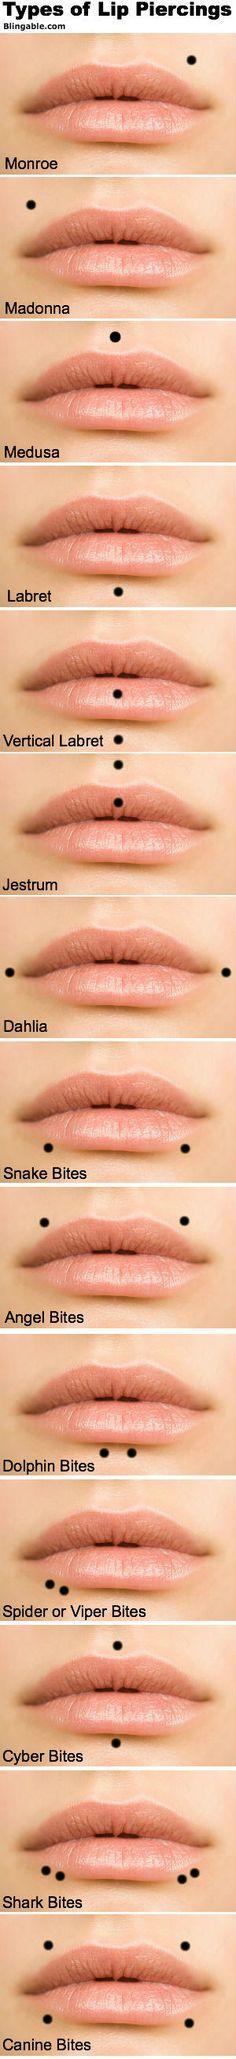 Types of Lip Piercings – Blingable